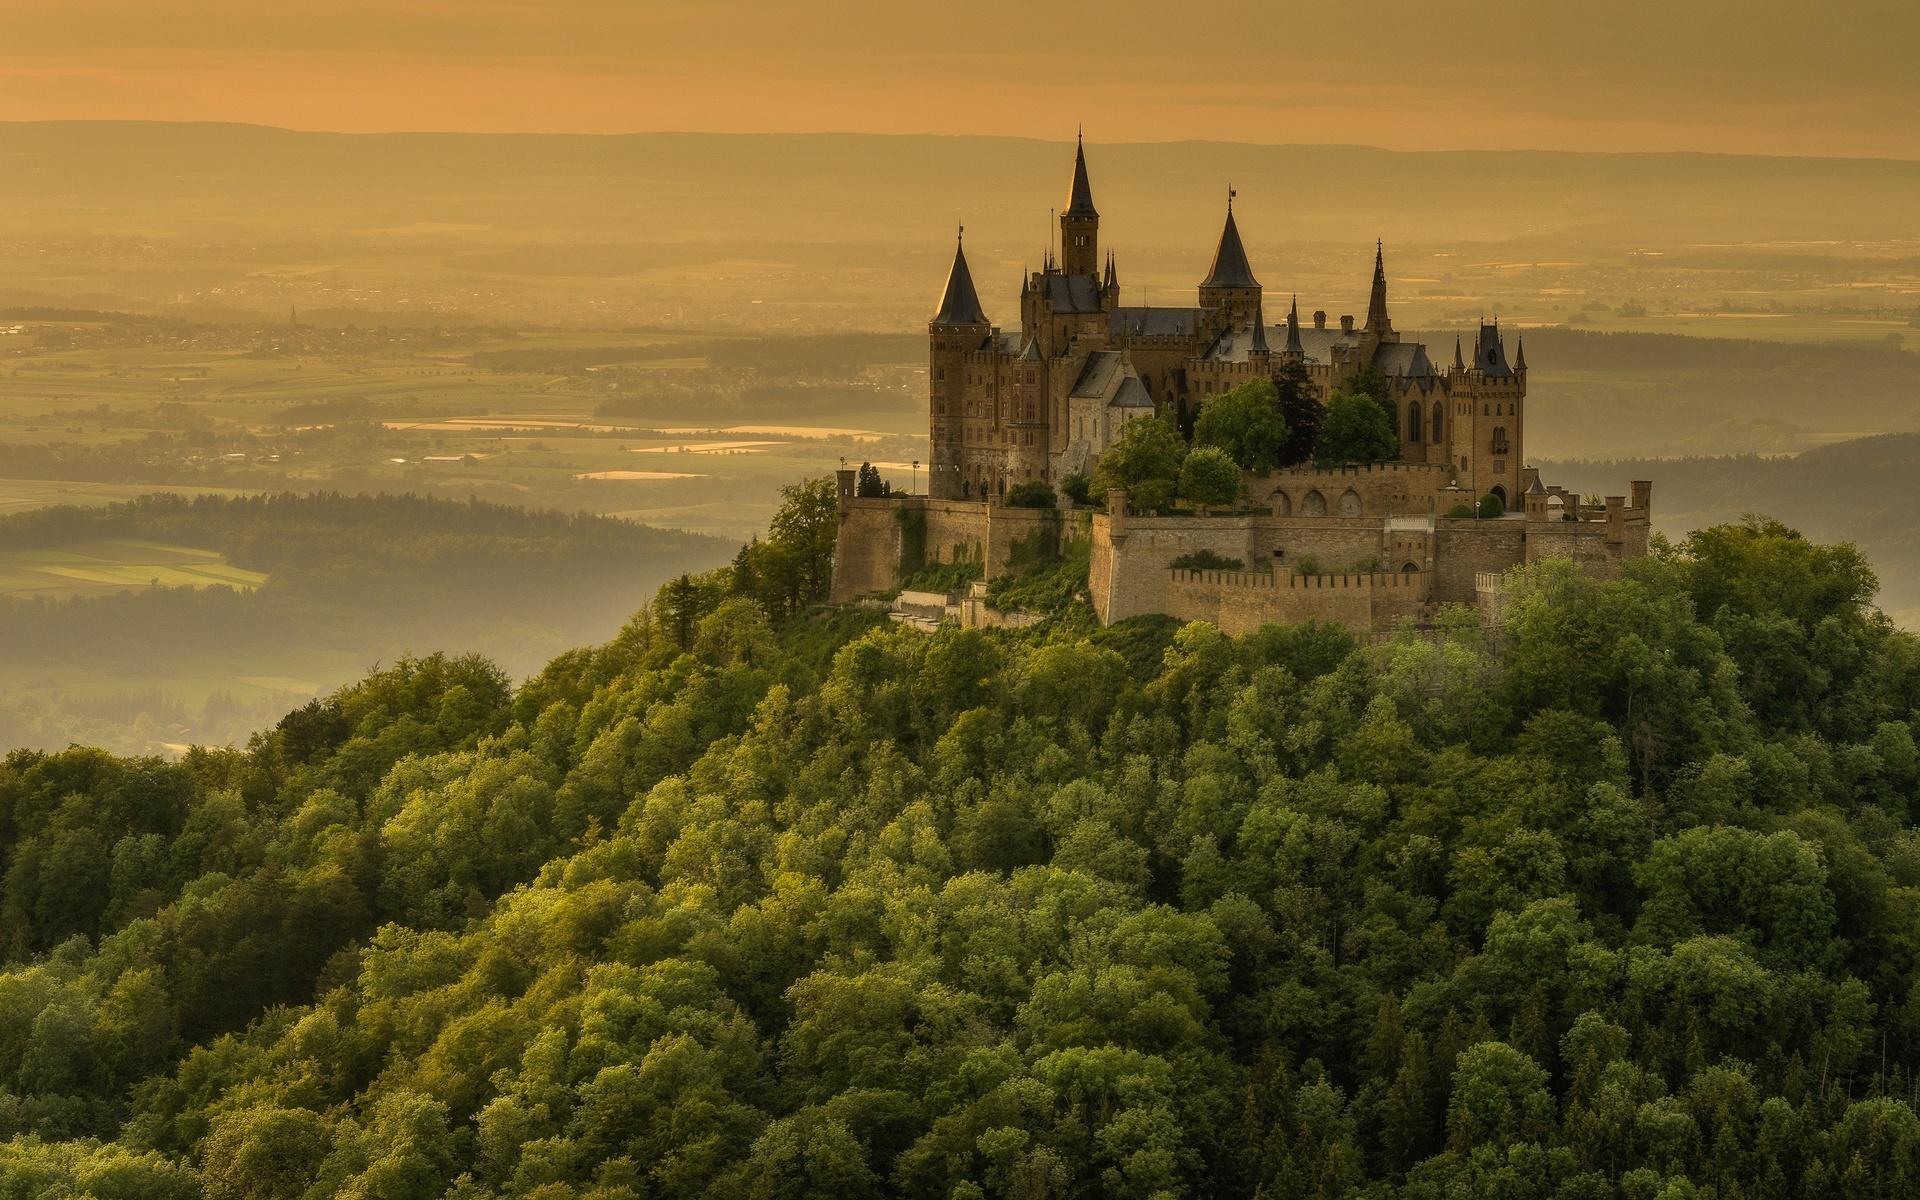 лес, лето, деревья, горы, туман, замок, холмы, вид, высота, даль, германия, склон, горизонт, холм, башни, дымка